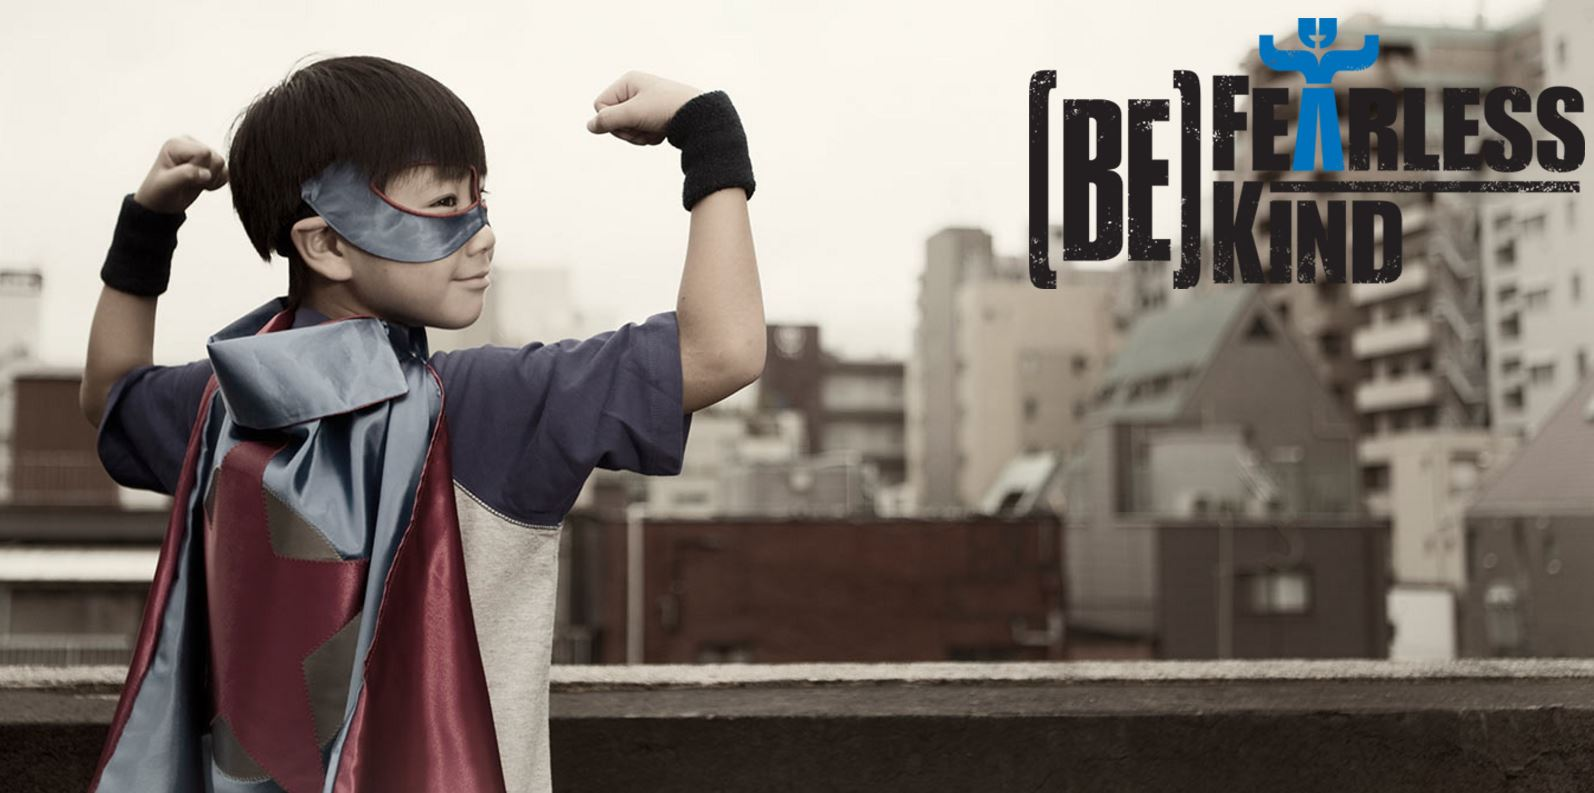 be fearless be kind superhero.JPG